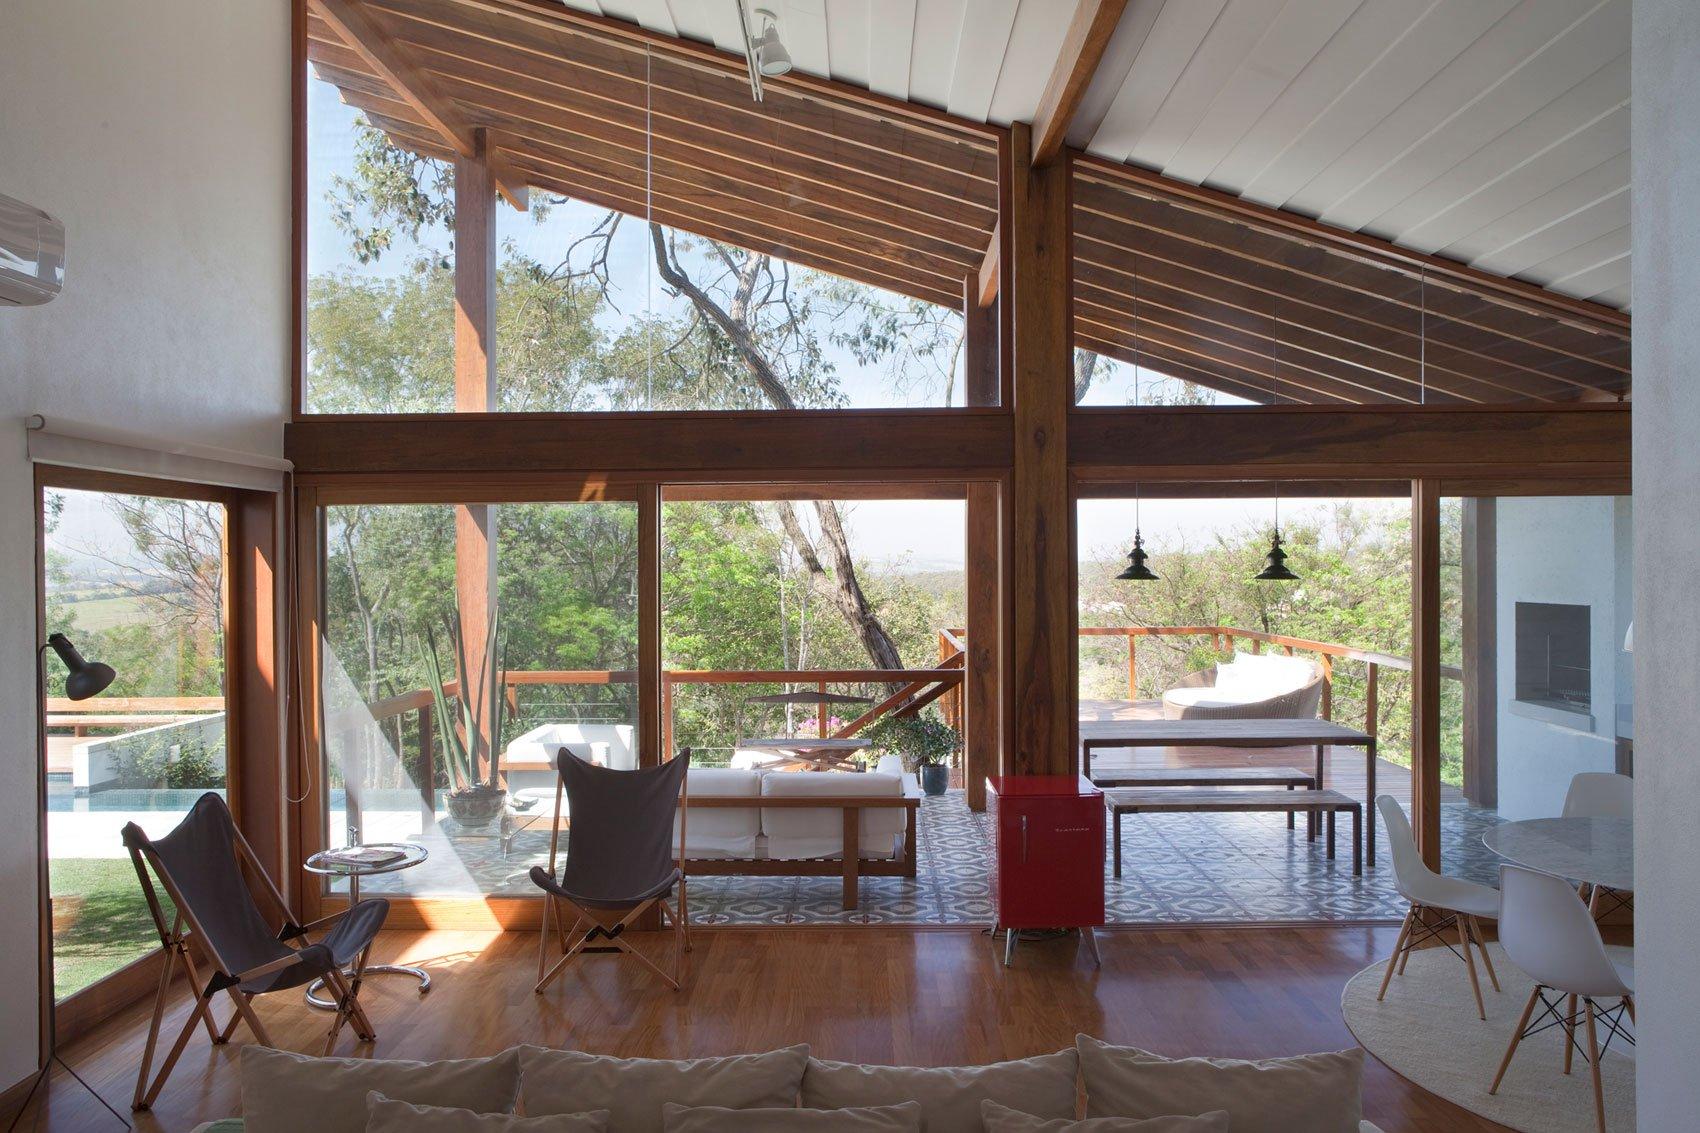 Diseño de sala con salida a exteriores